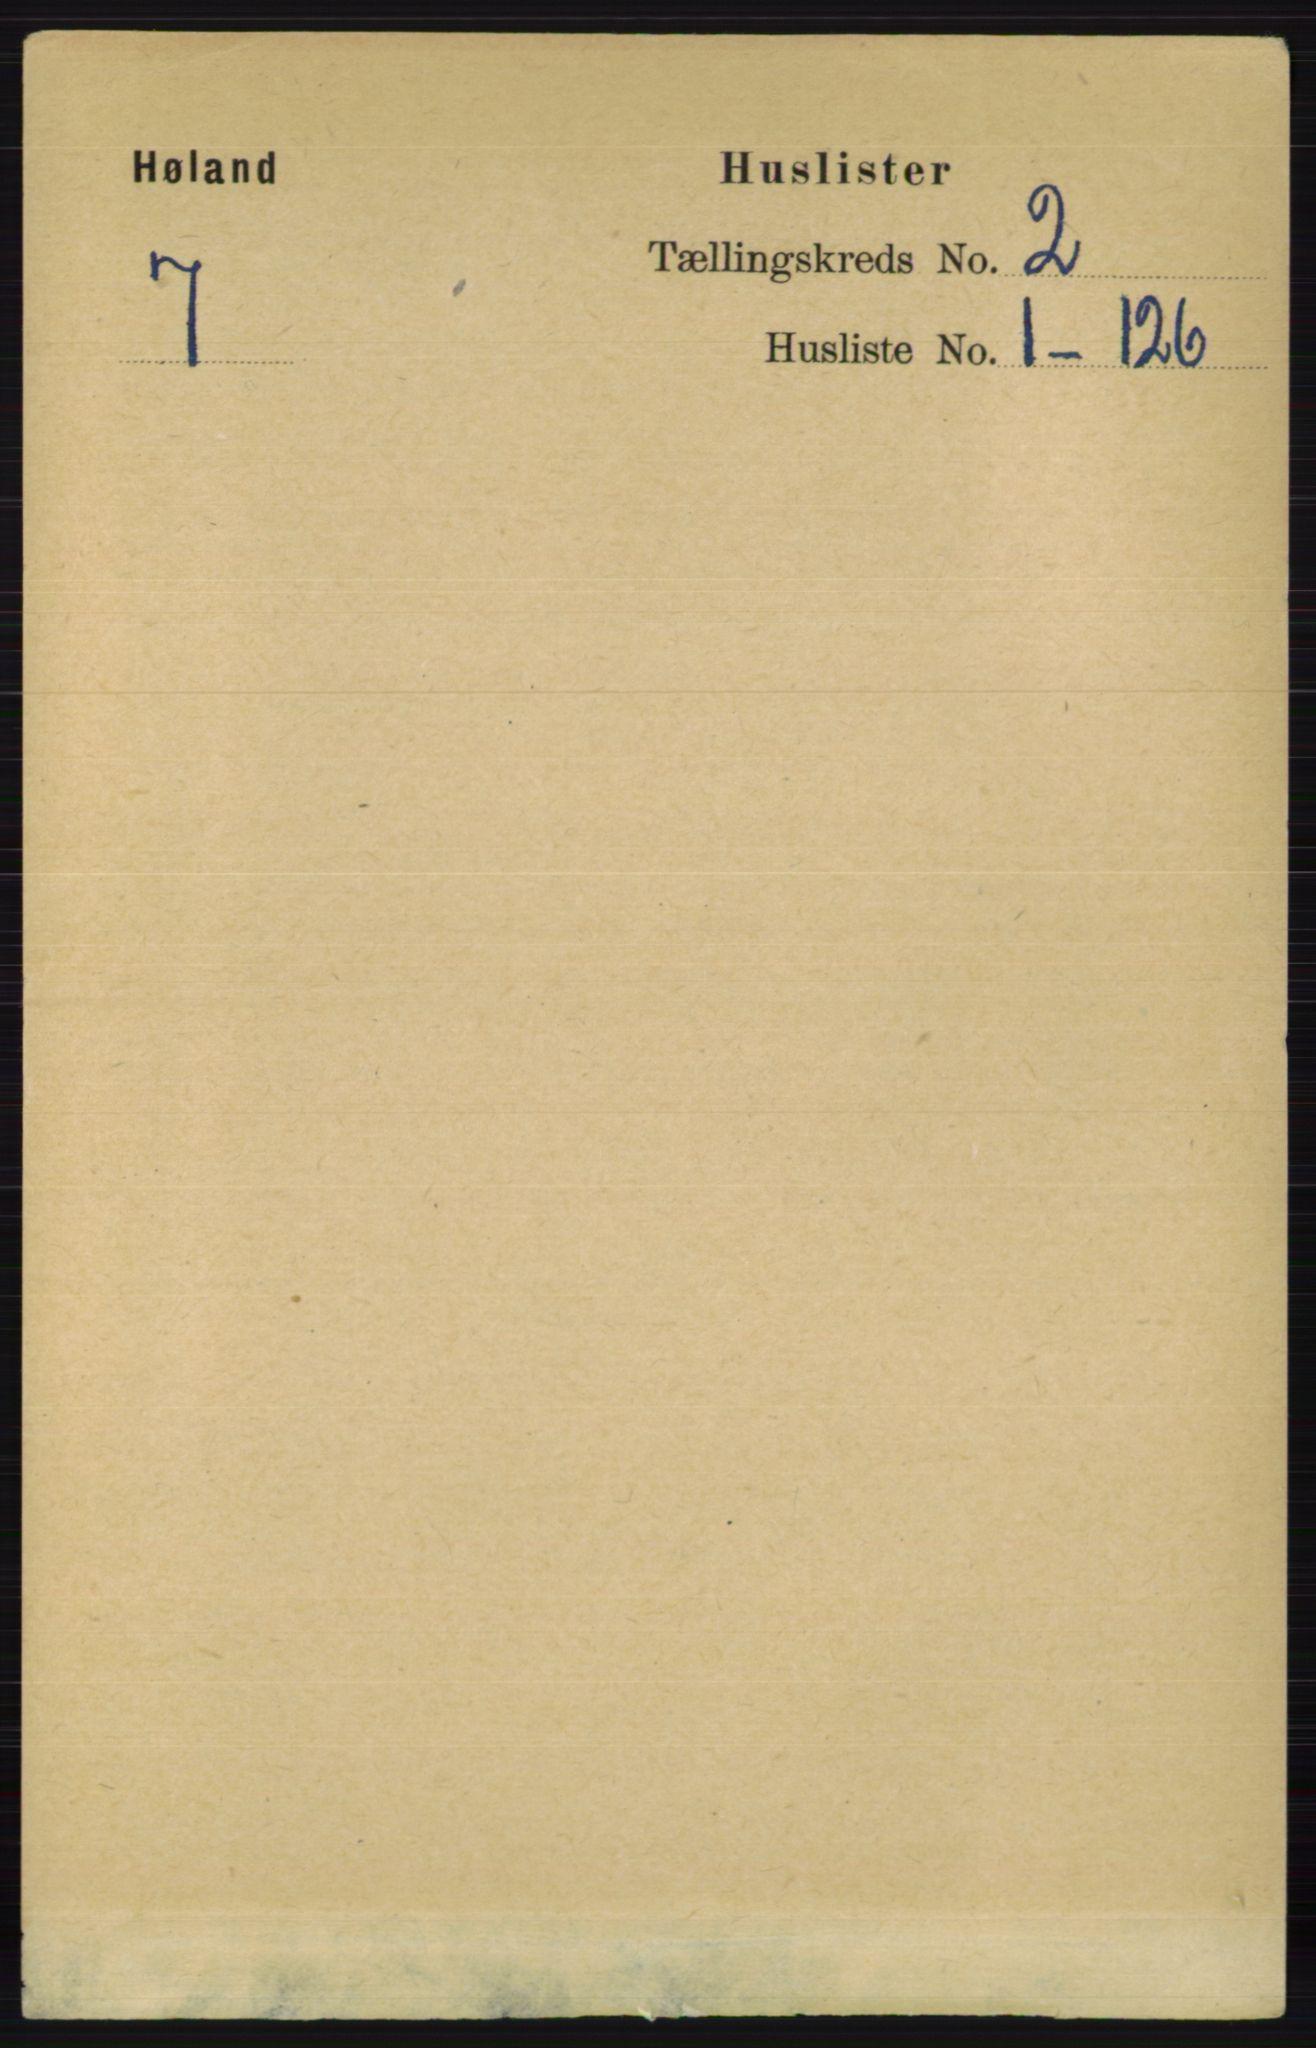 RA, Folketelling 1891 for 0221 Høland herred, 1891, s. 804